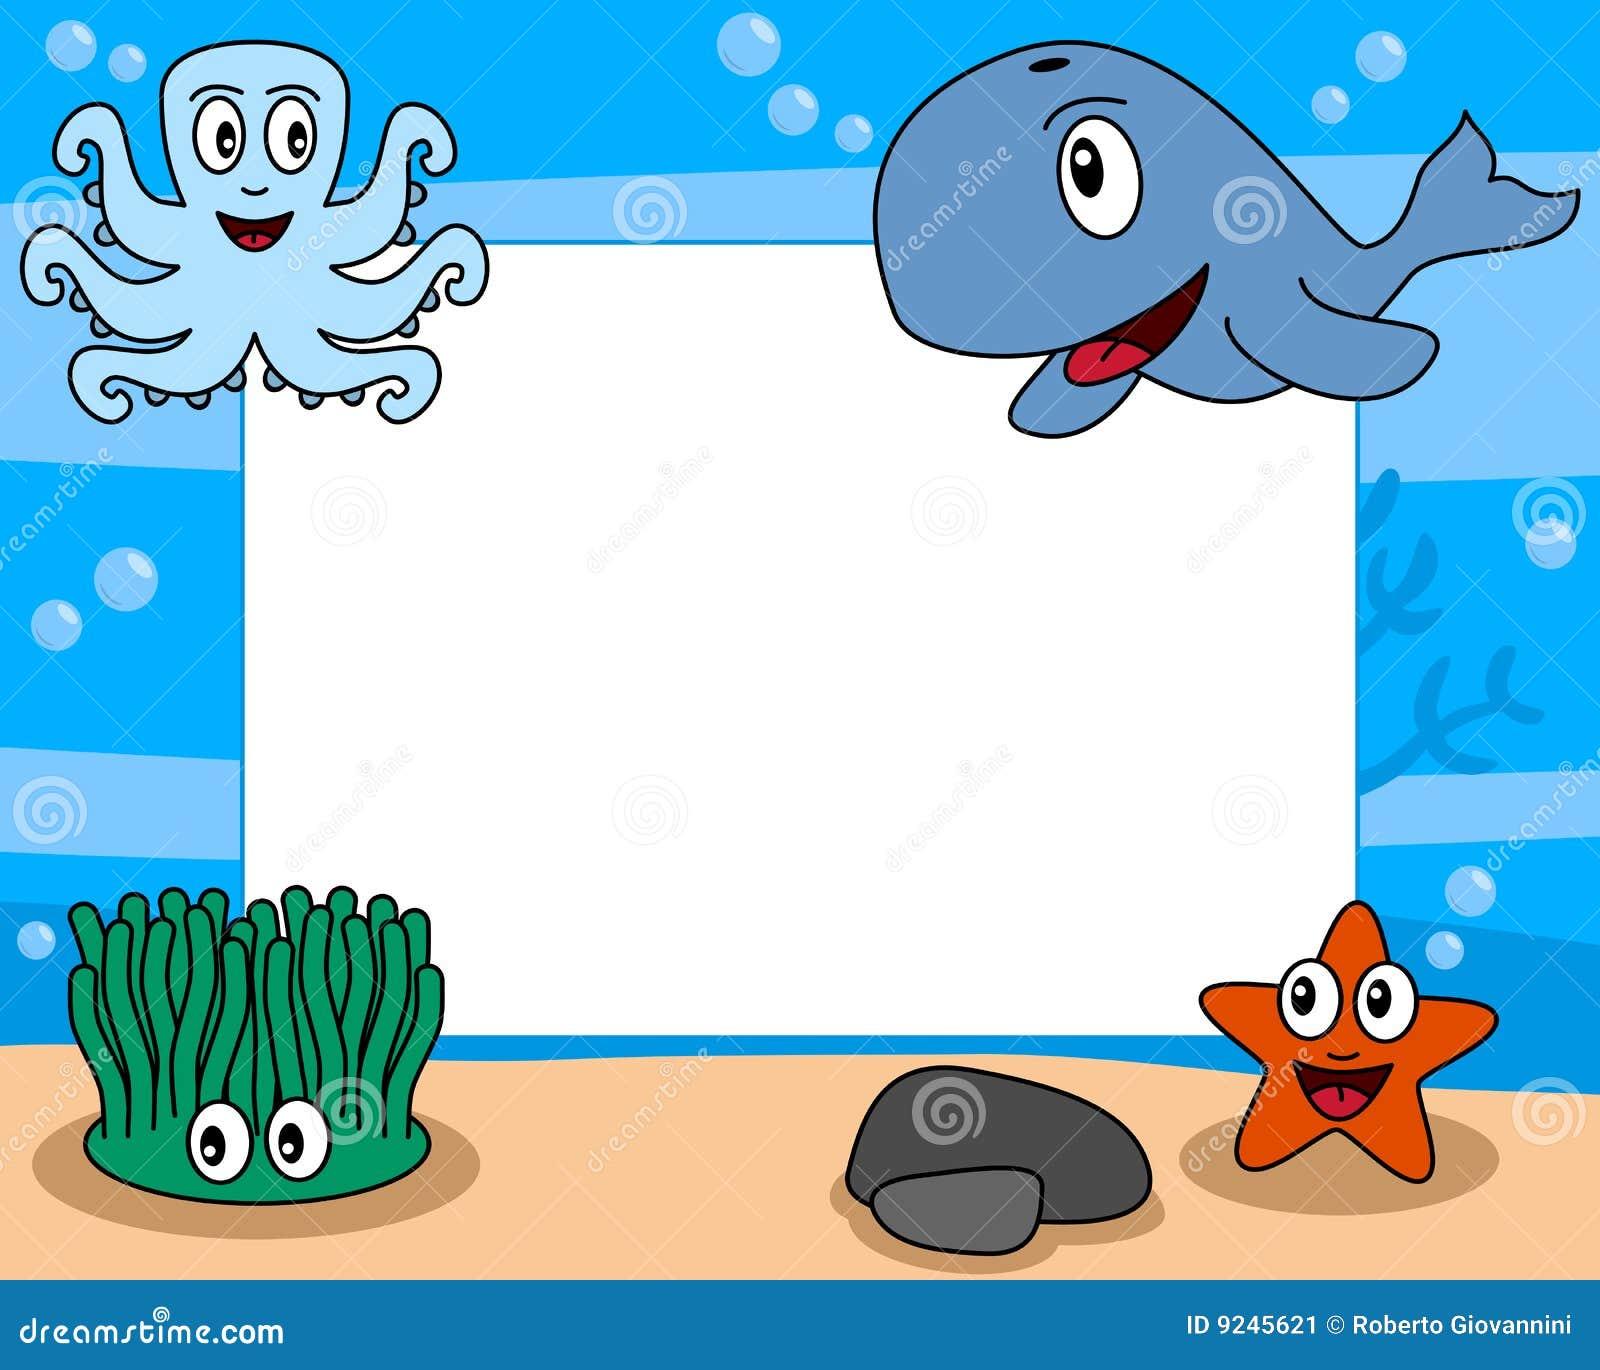 ppt 背景 背景图片 边框 模板 设计 相框 1300_1130图片